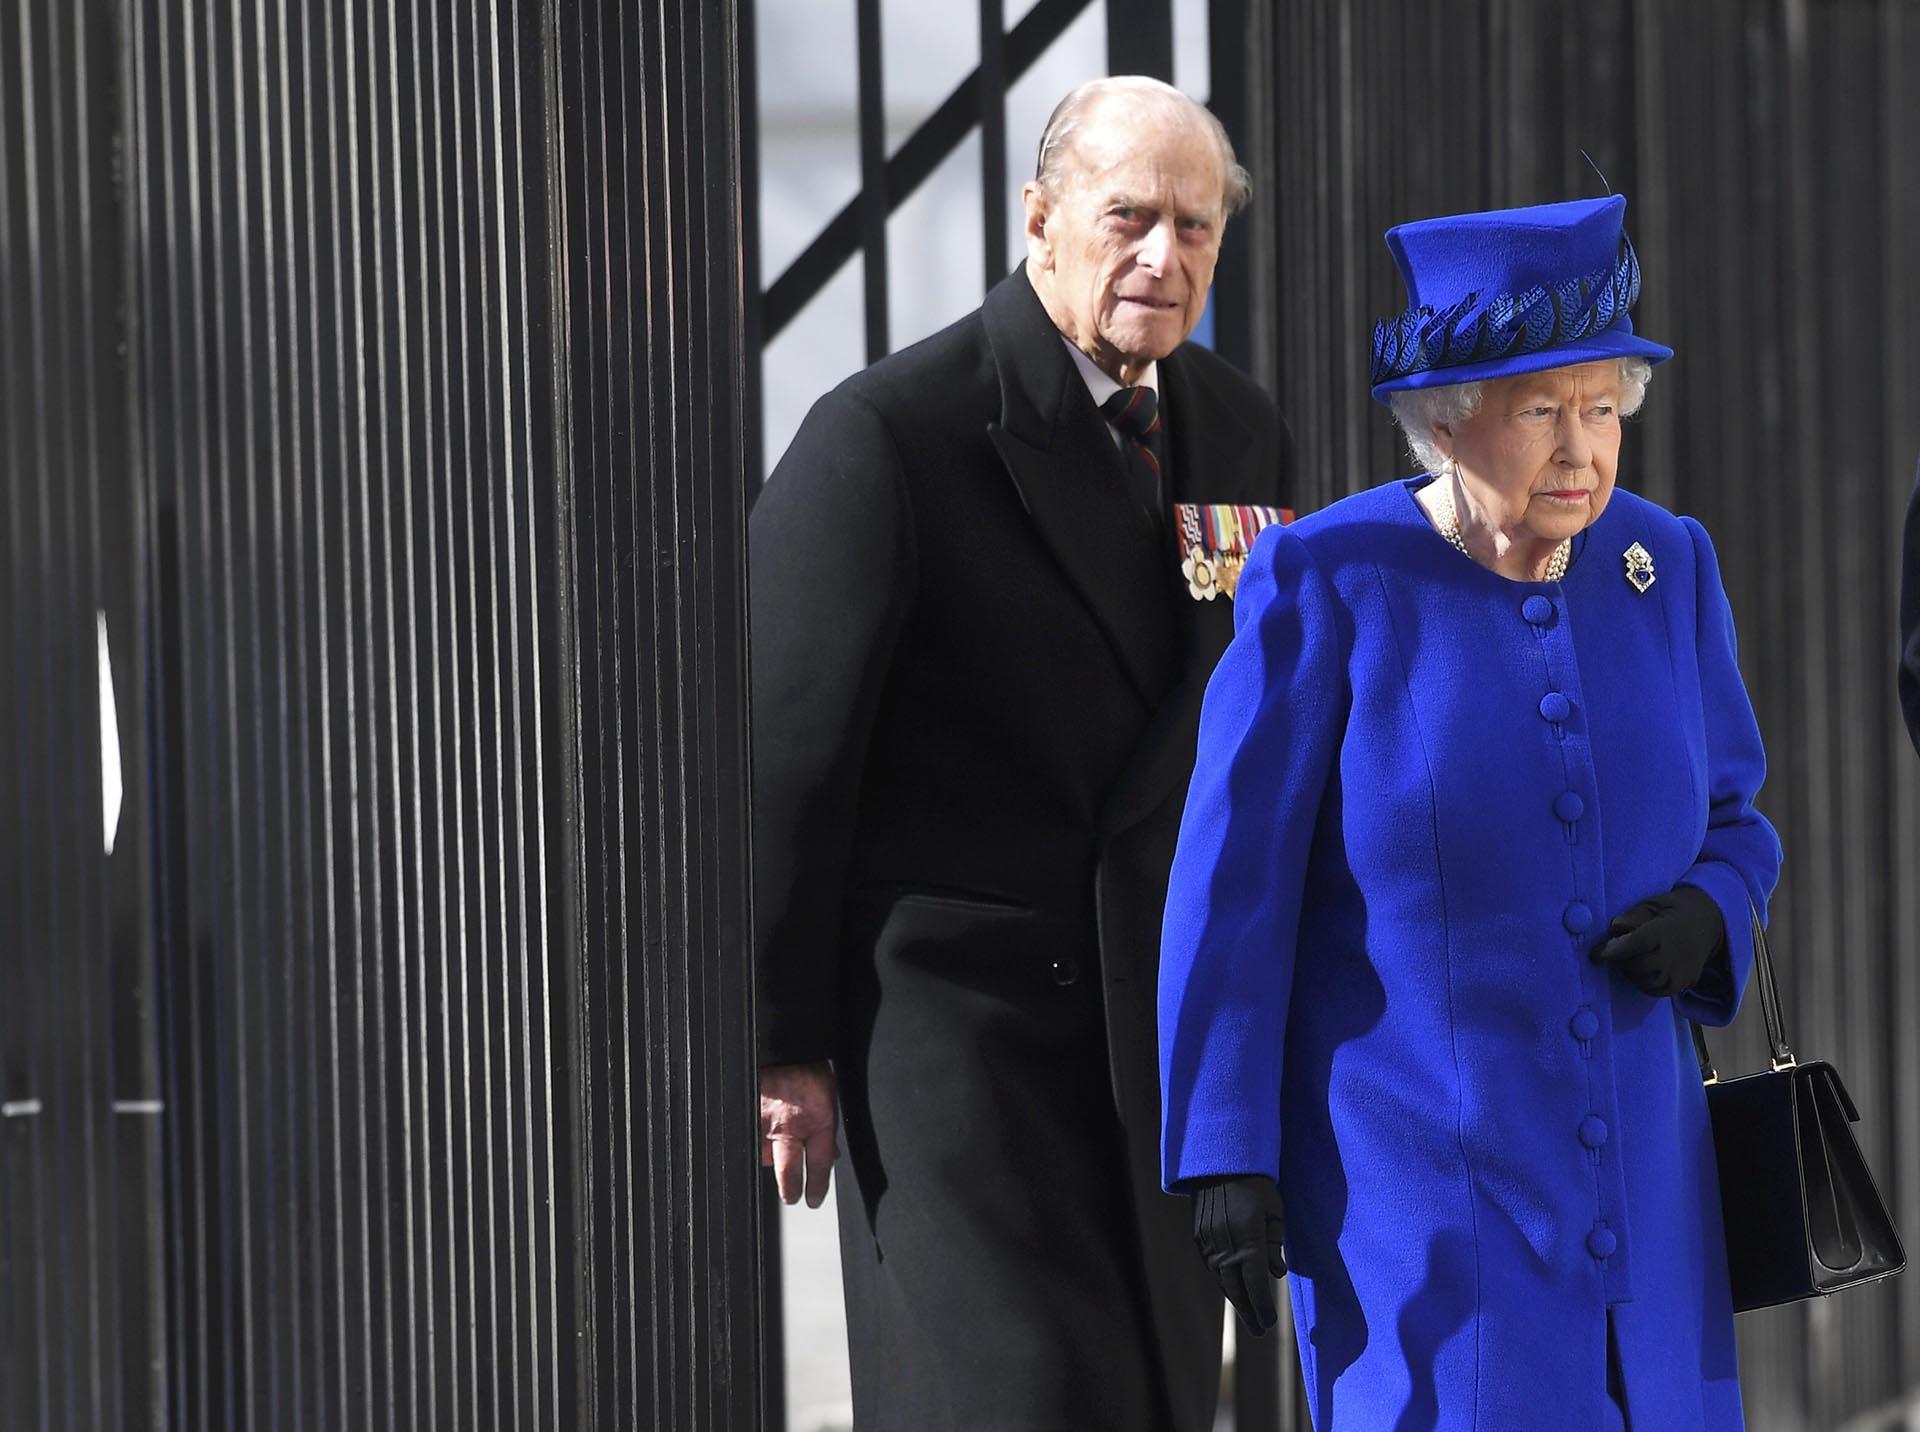 El arribo de la reina Isabel II en compañía de su marido, Felipe, duque de Edimburgo